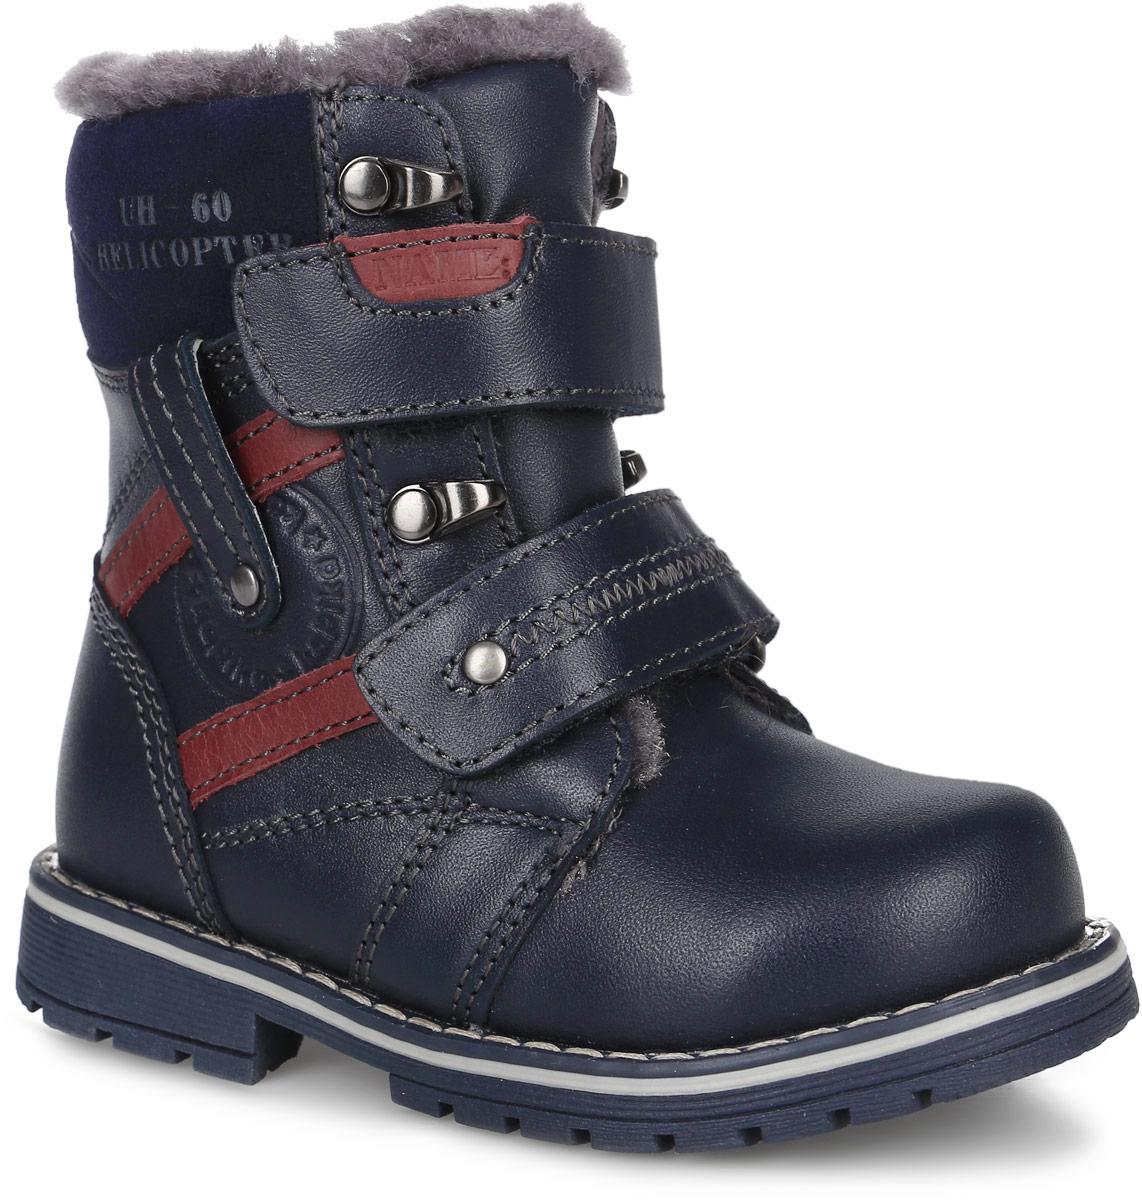 62085ш-2Модные ботинки от Kapika придутся по душе вашему мальчику. Модель выполнена из натуральной кожи со вставкой из натуральной замши на голенище. Верх изделия дополнен оторочкой из натуральной шерсти. Обувь оформлена декоративной прострочкой, вставками контрастного цвета, сбоку - декоративным хлястиком и фирменным тиснением, на голенище - тиснениями в виде вертолета и надписей. Два ремешка на застежках-липучках, расположенные поверх язычка изделия, надежно фиксируют обувь на ноге. Подкладка и стелька, выполненные из натуральной шерсти, создают надежную теплозащиту. Каблук и подошва с протектором гарантируют идеальное сцепление с любыми поверхностями. Удобные ботинки - необходимая вещь в гардеробе каждого ребенка.